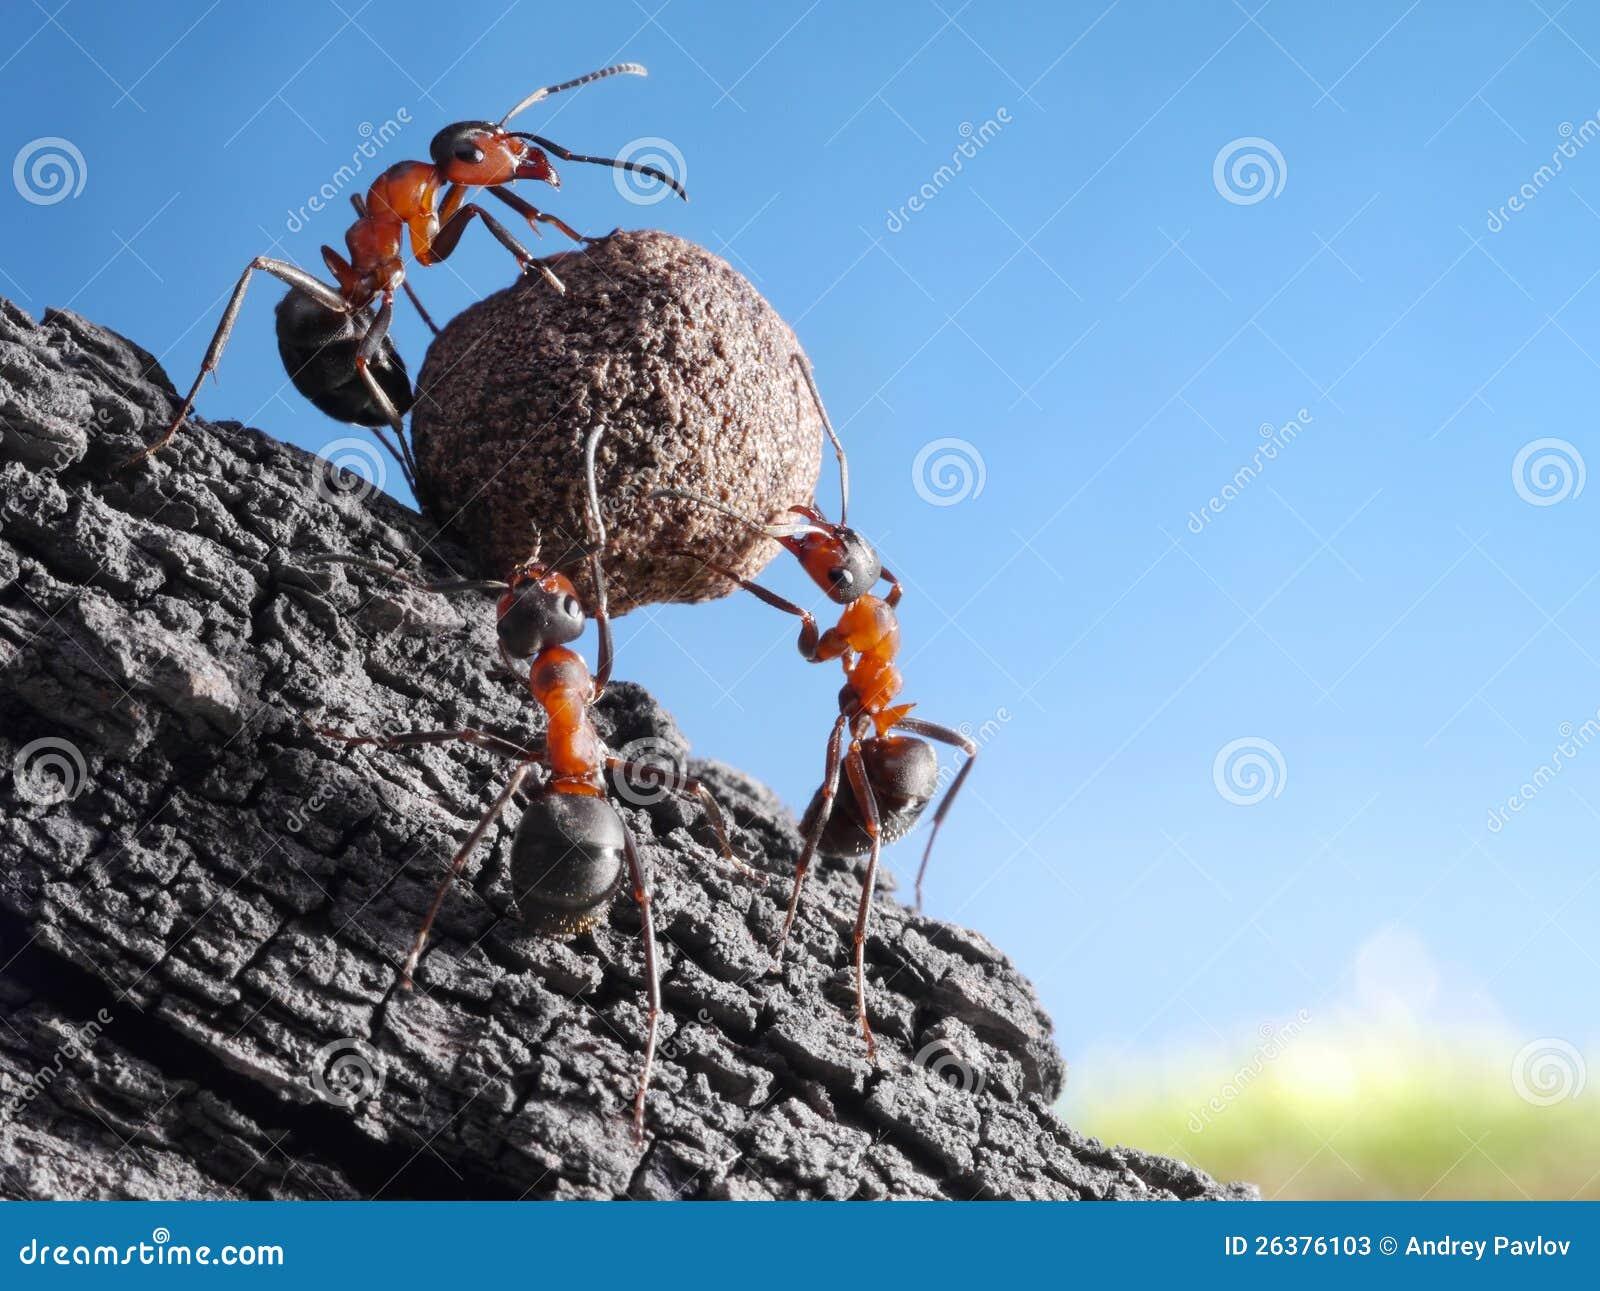 Las personas de hormigas ruedan la piedra cuesta arriba, trabajo en equipo